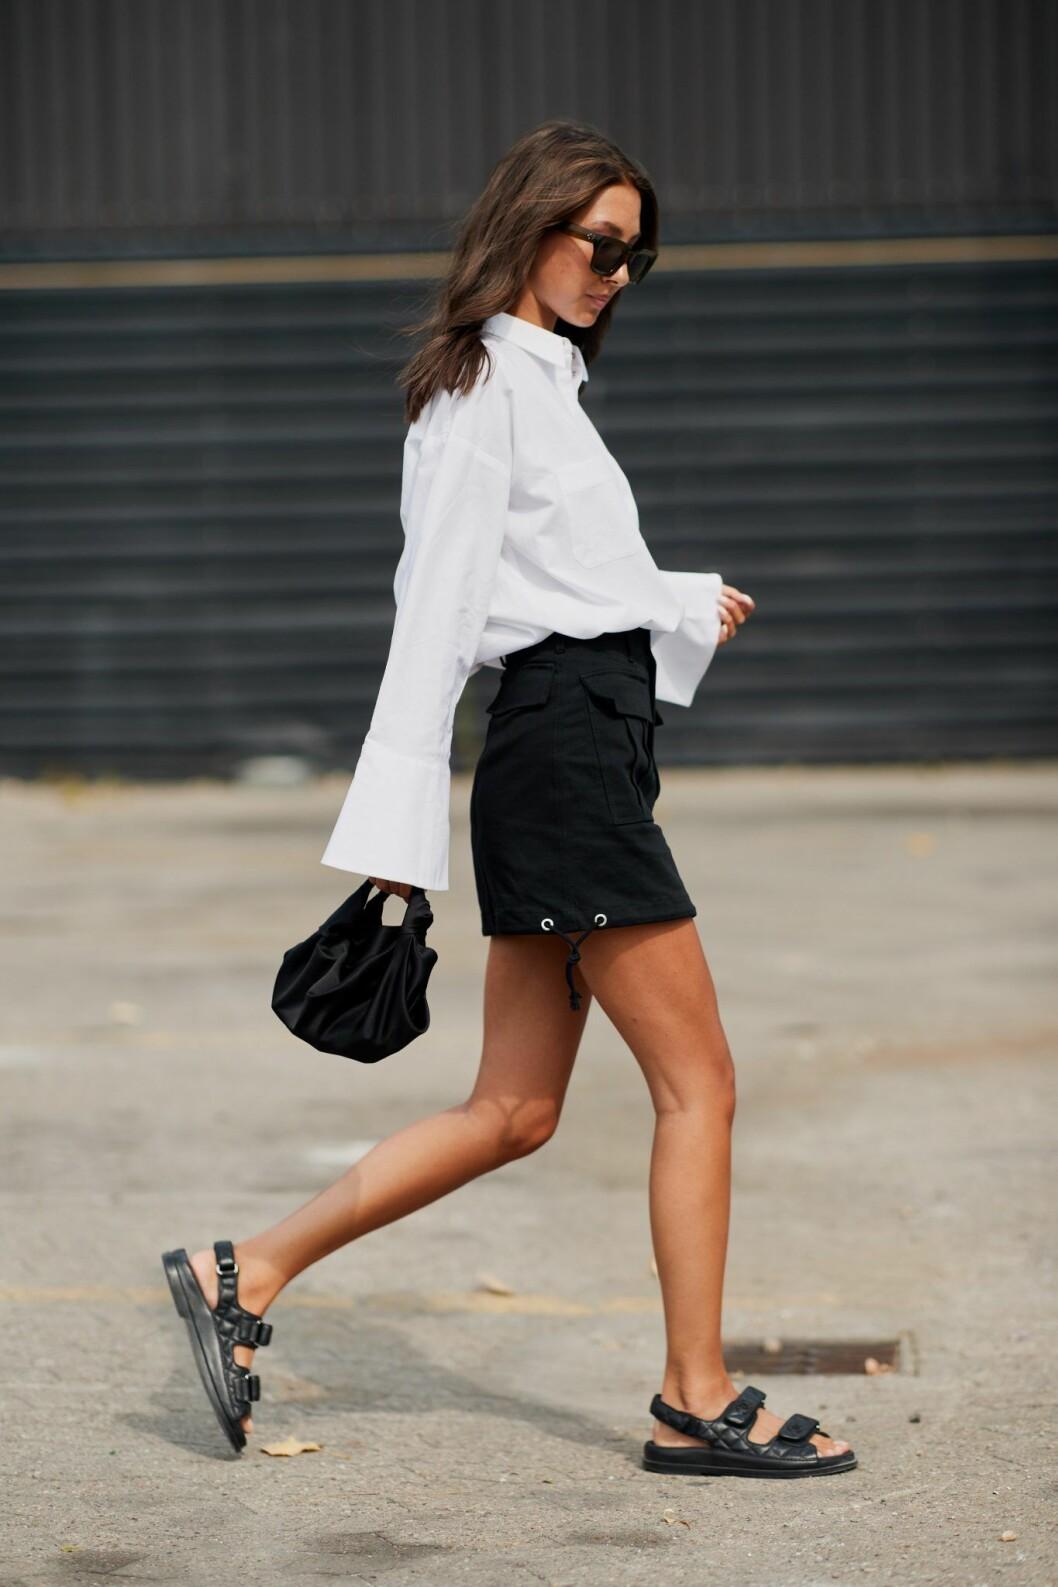 Svarta sandaler och streetstyleinspiration från modeveckan i Köpenhamn.